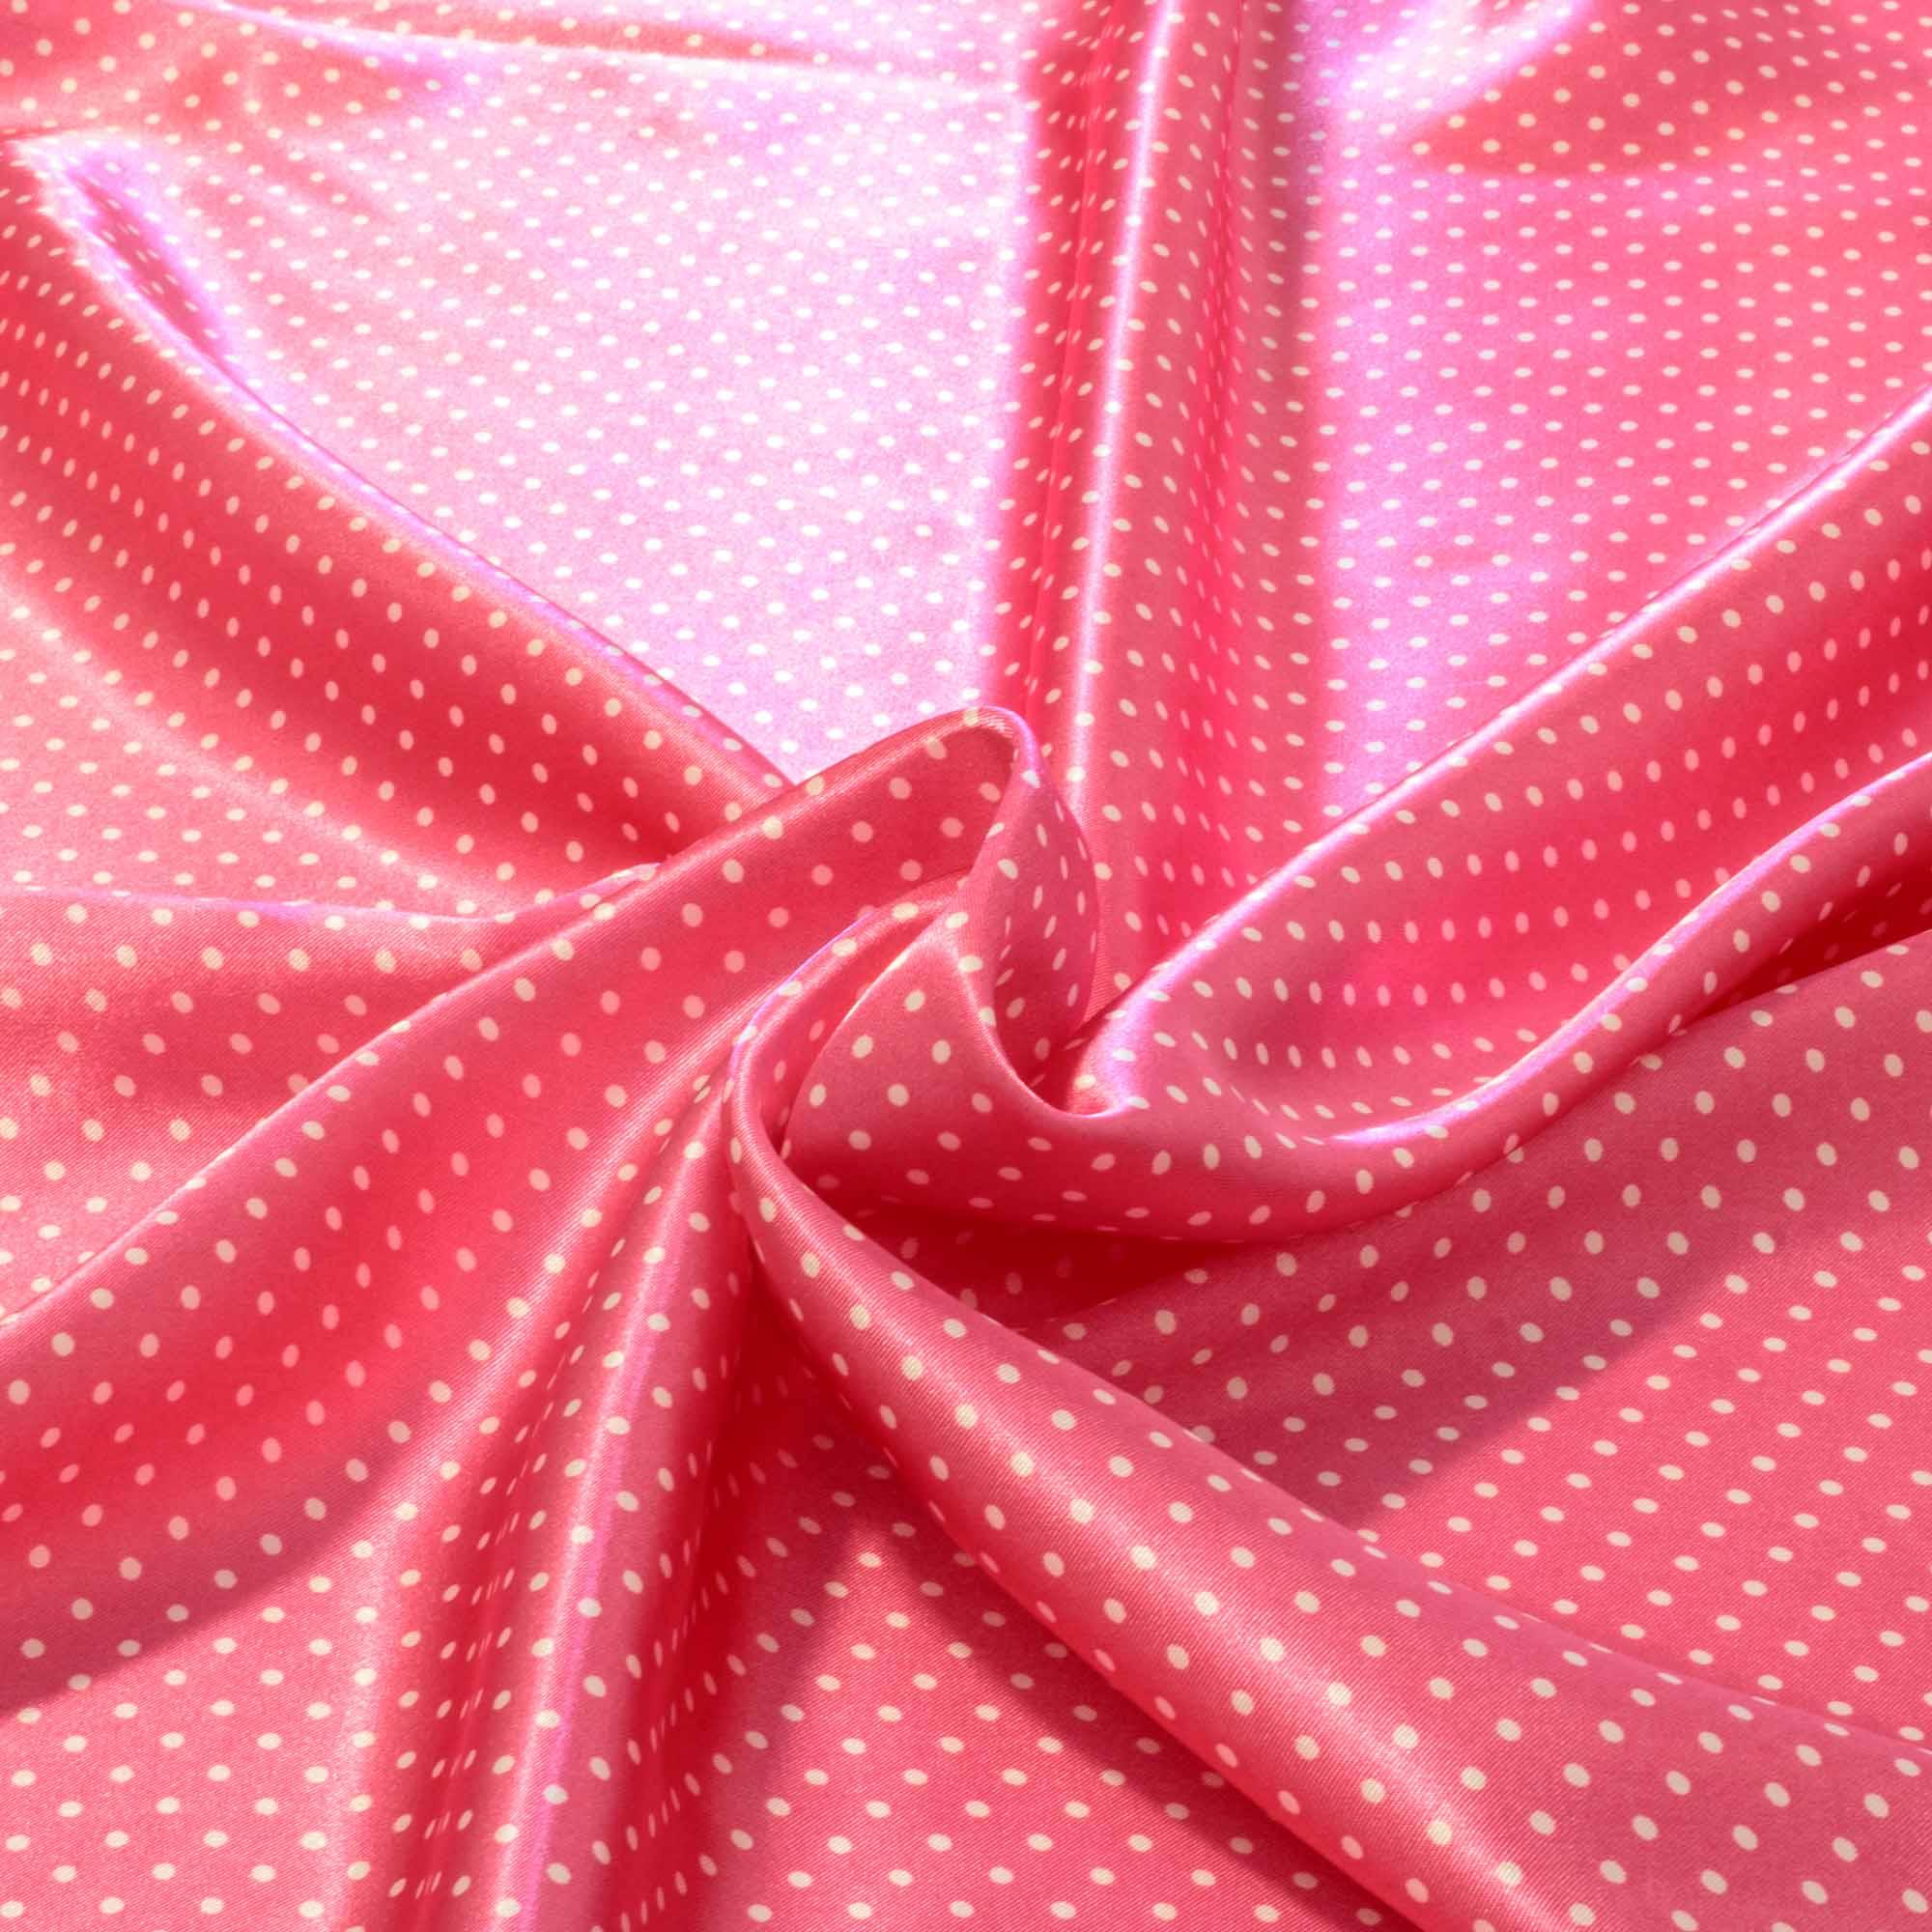 Tecido Cetim Estampado Poa Bolinhas Brancas Fundo Rosa 100% Poliester 1,40 m Largura